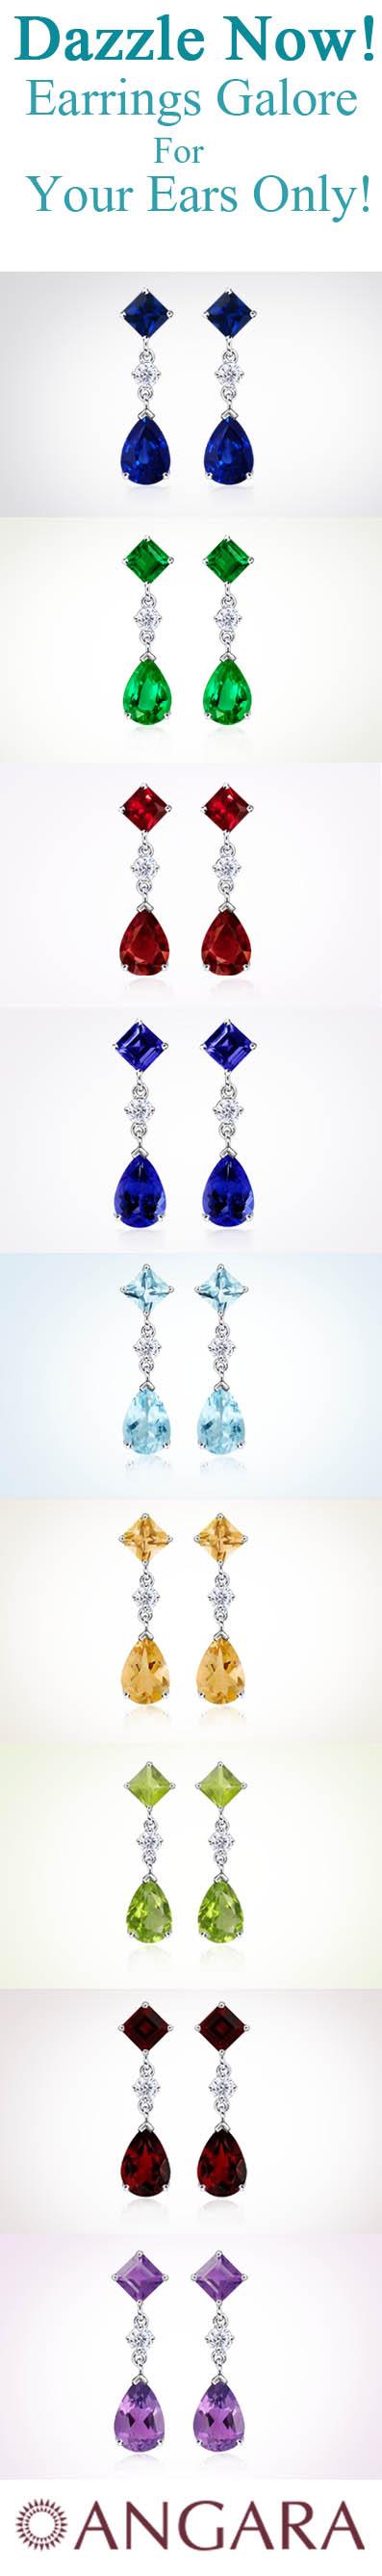 earrings earrings earrings earrings earrings earrings   #angara #earrings